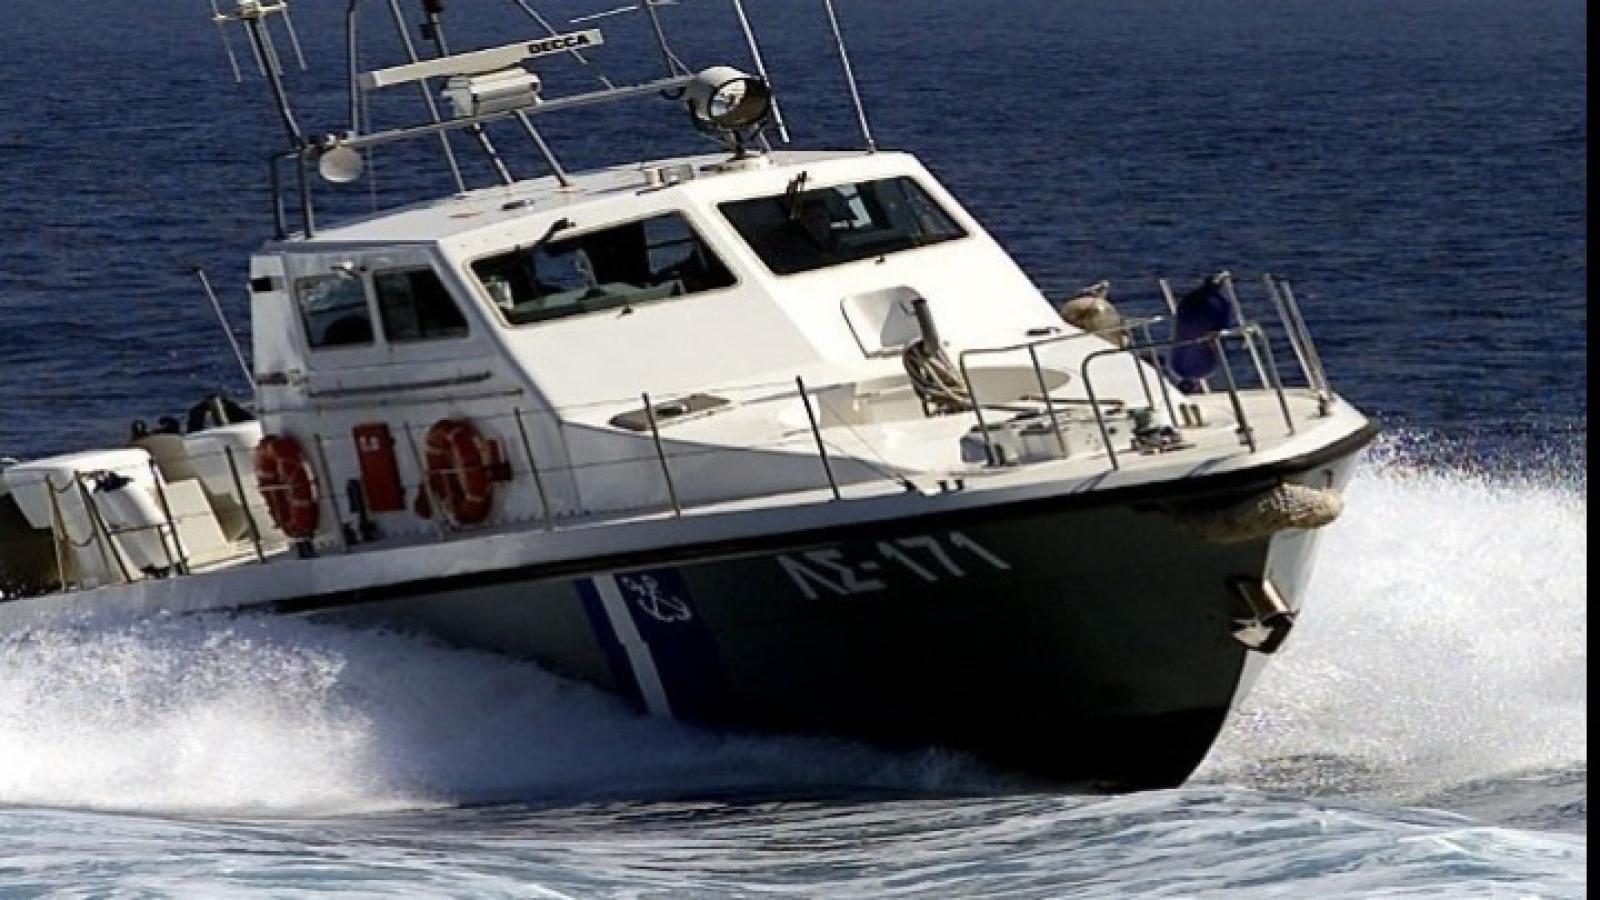 Hai tàu tuần duyên của Thổ Nhĩ Kỳ và Hy Lạp va chạm ở Đông Địa Trung Hải